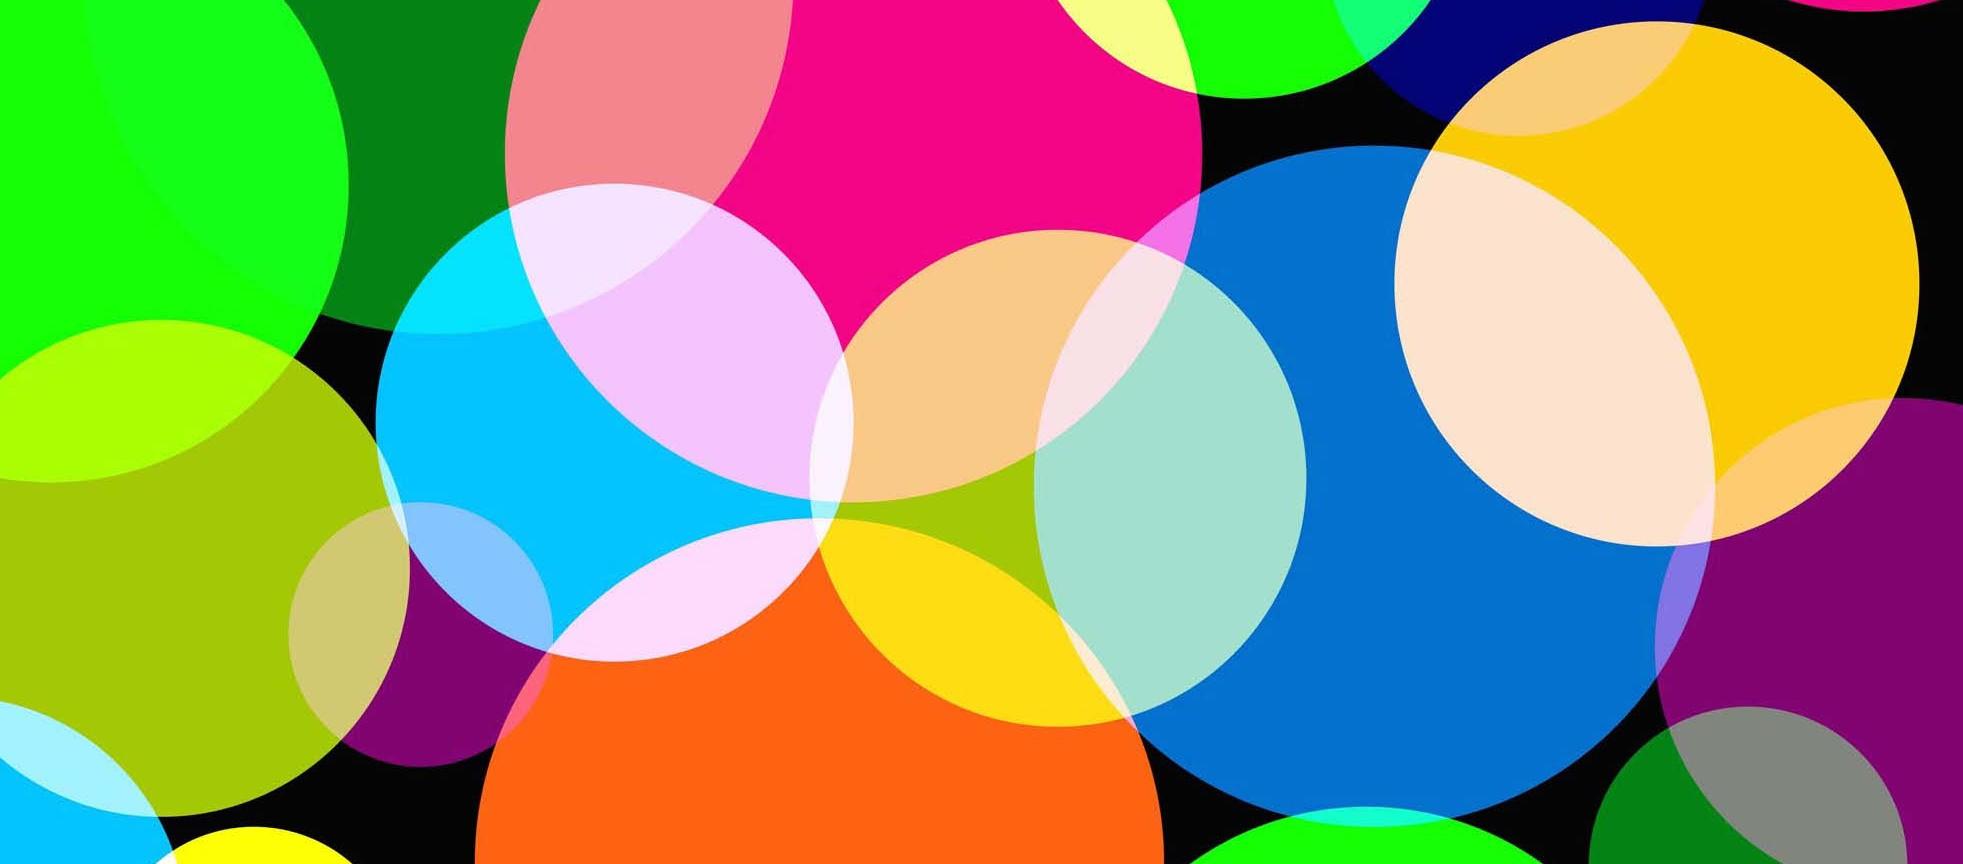 Art abstrait avec des couleurs flashy fait de cercles qui s'netrecroisent